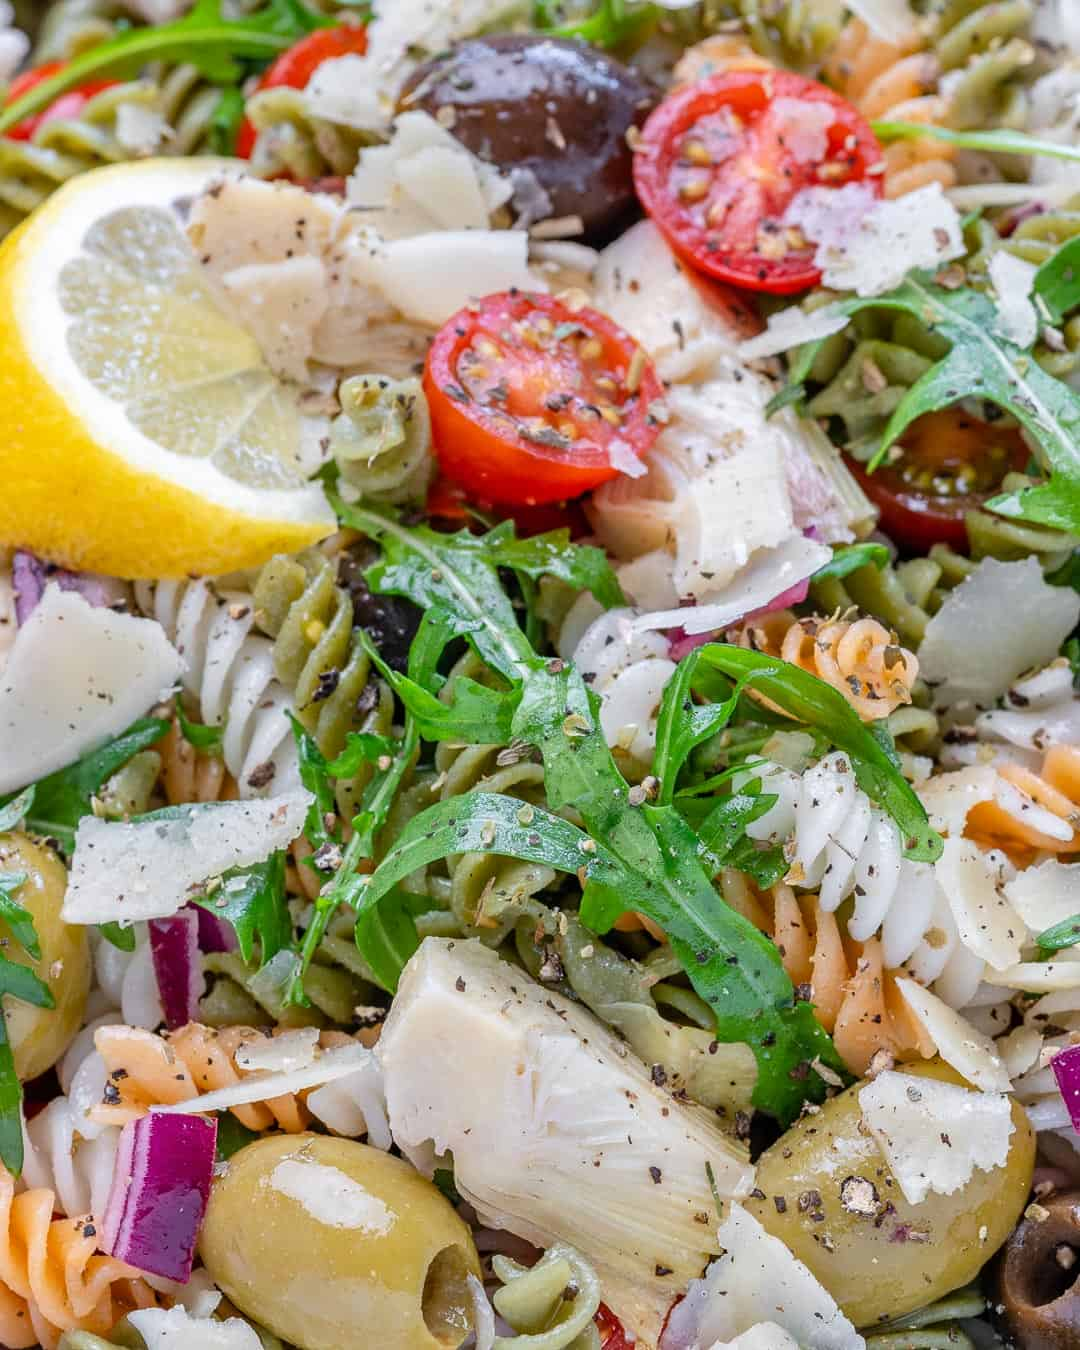 close up view of pasta salad